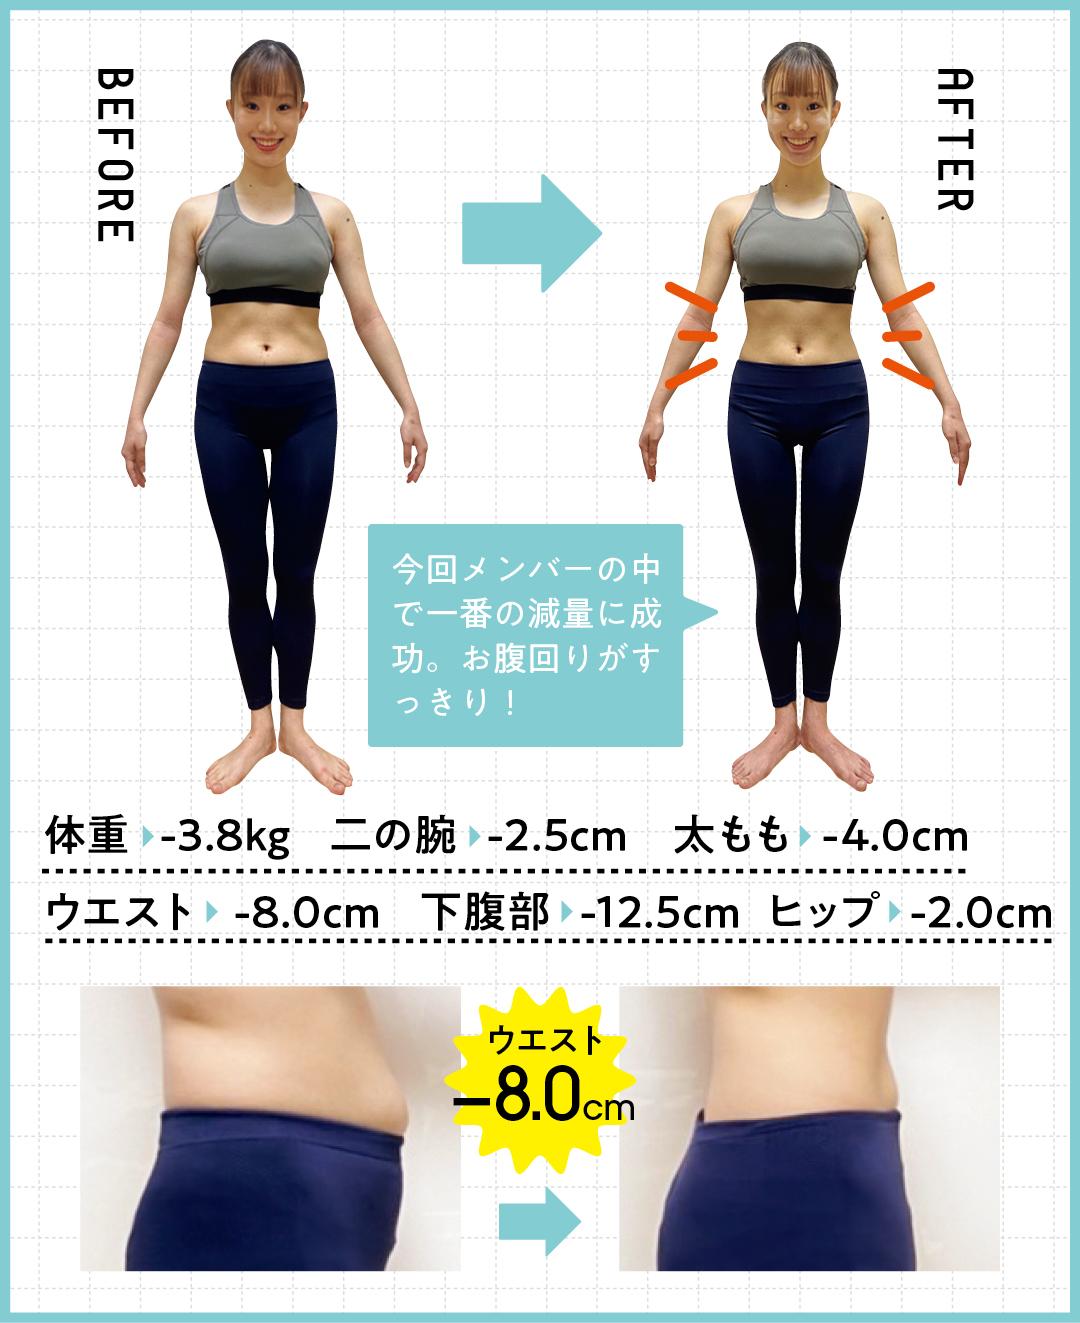 体重   -3.8kg    二の腕   -2.5cm 太もも   -4.0cm ウエスト    -8.0cm  下腹部   -12.5cm ヒップ   -2.0cm